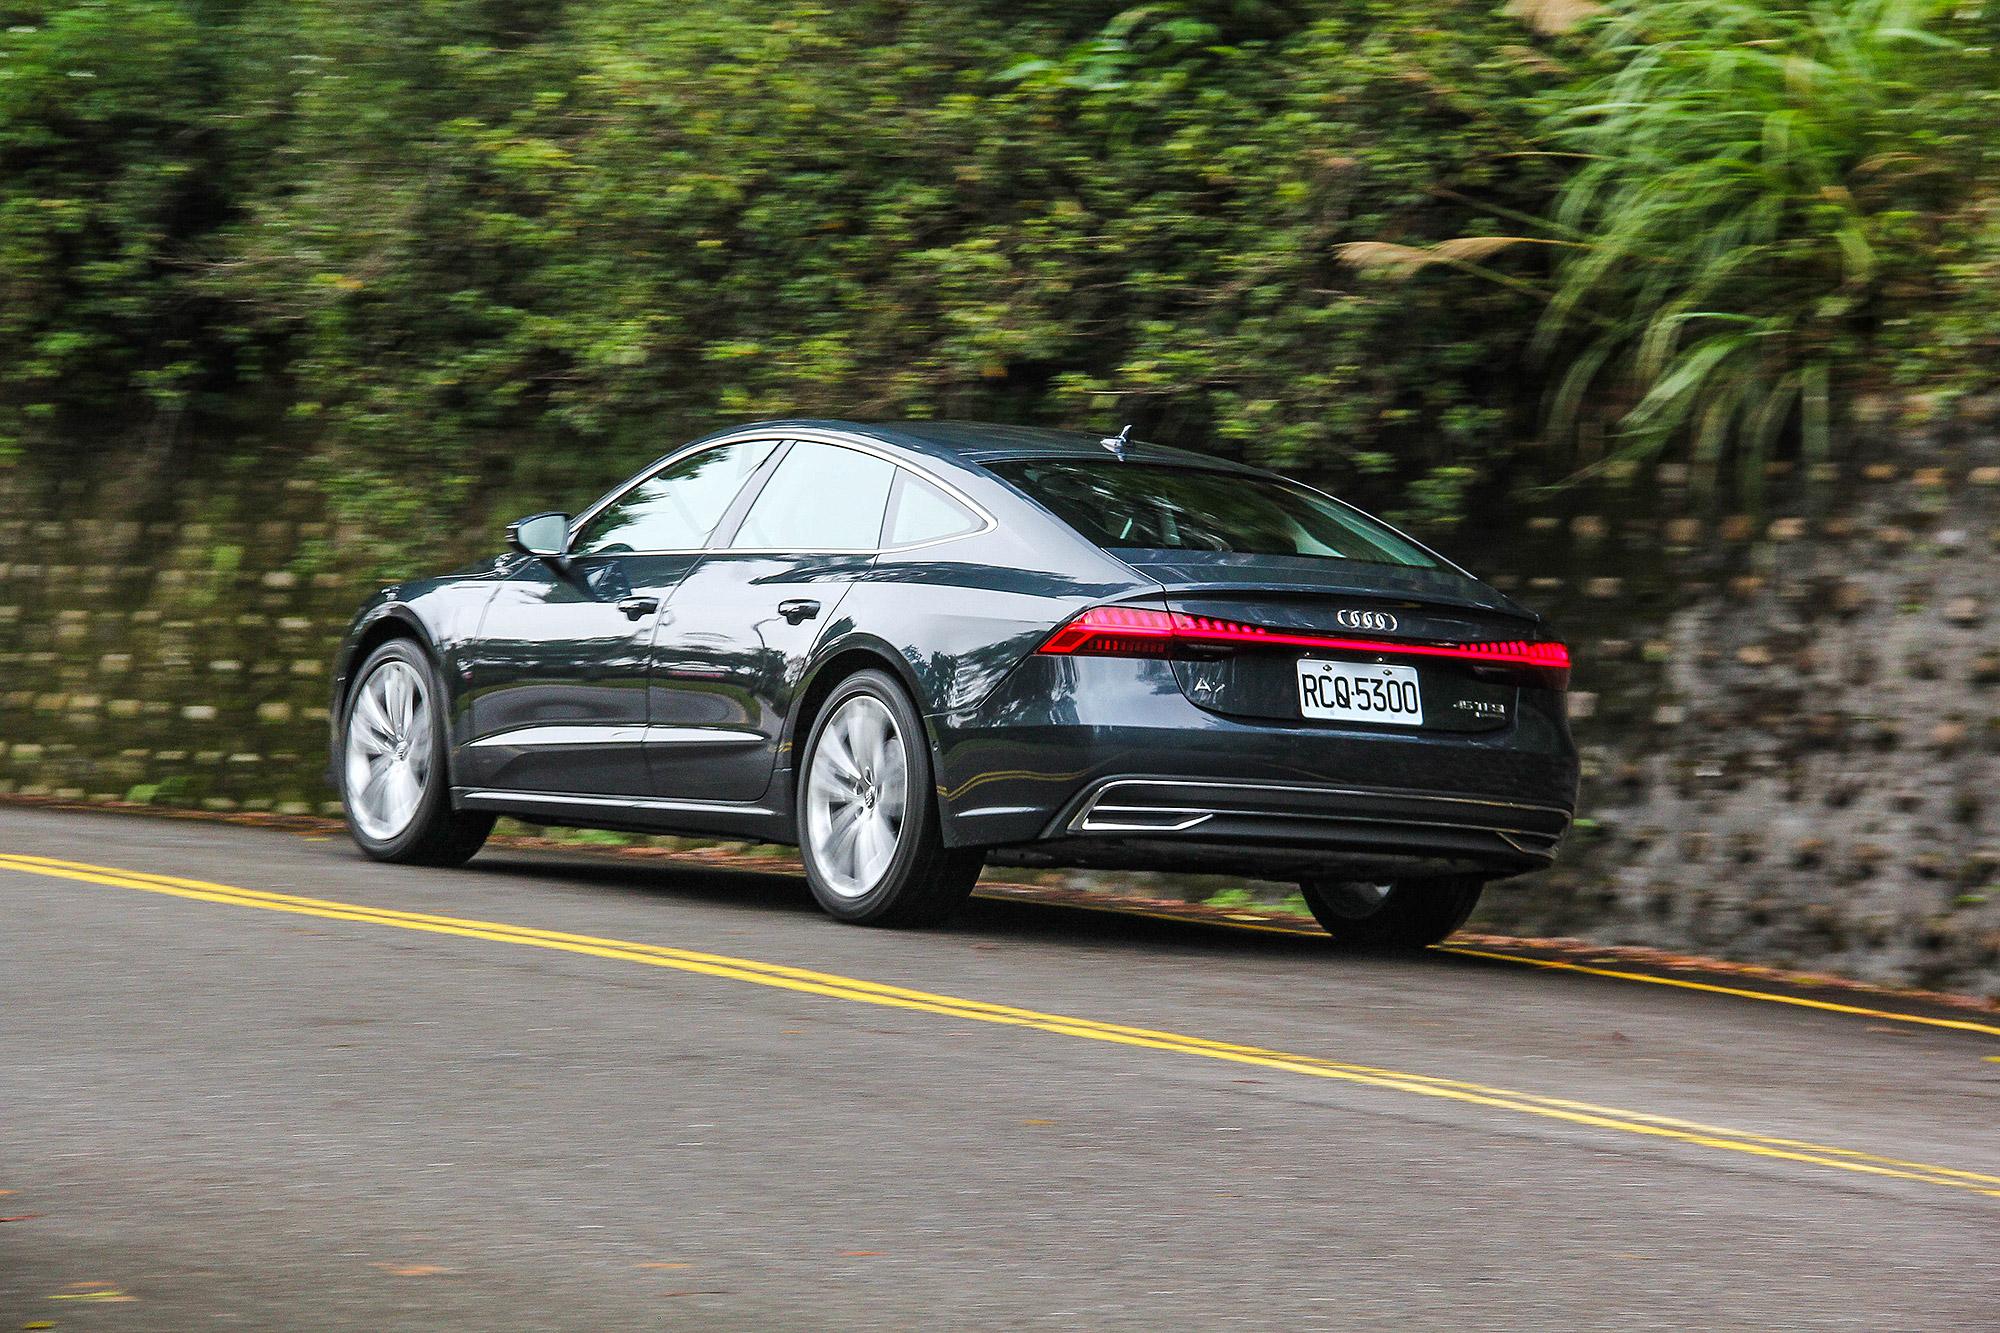 輕快的反應與順暢的駕馭感受,是 A7 Sportback 最吸引人之處。